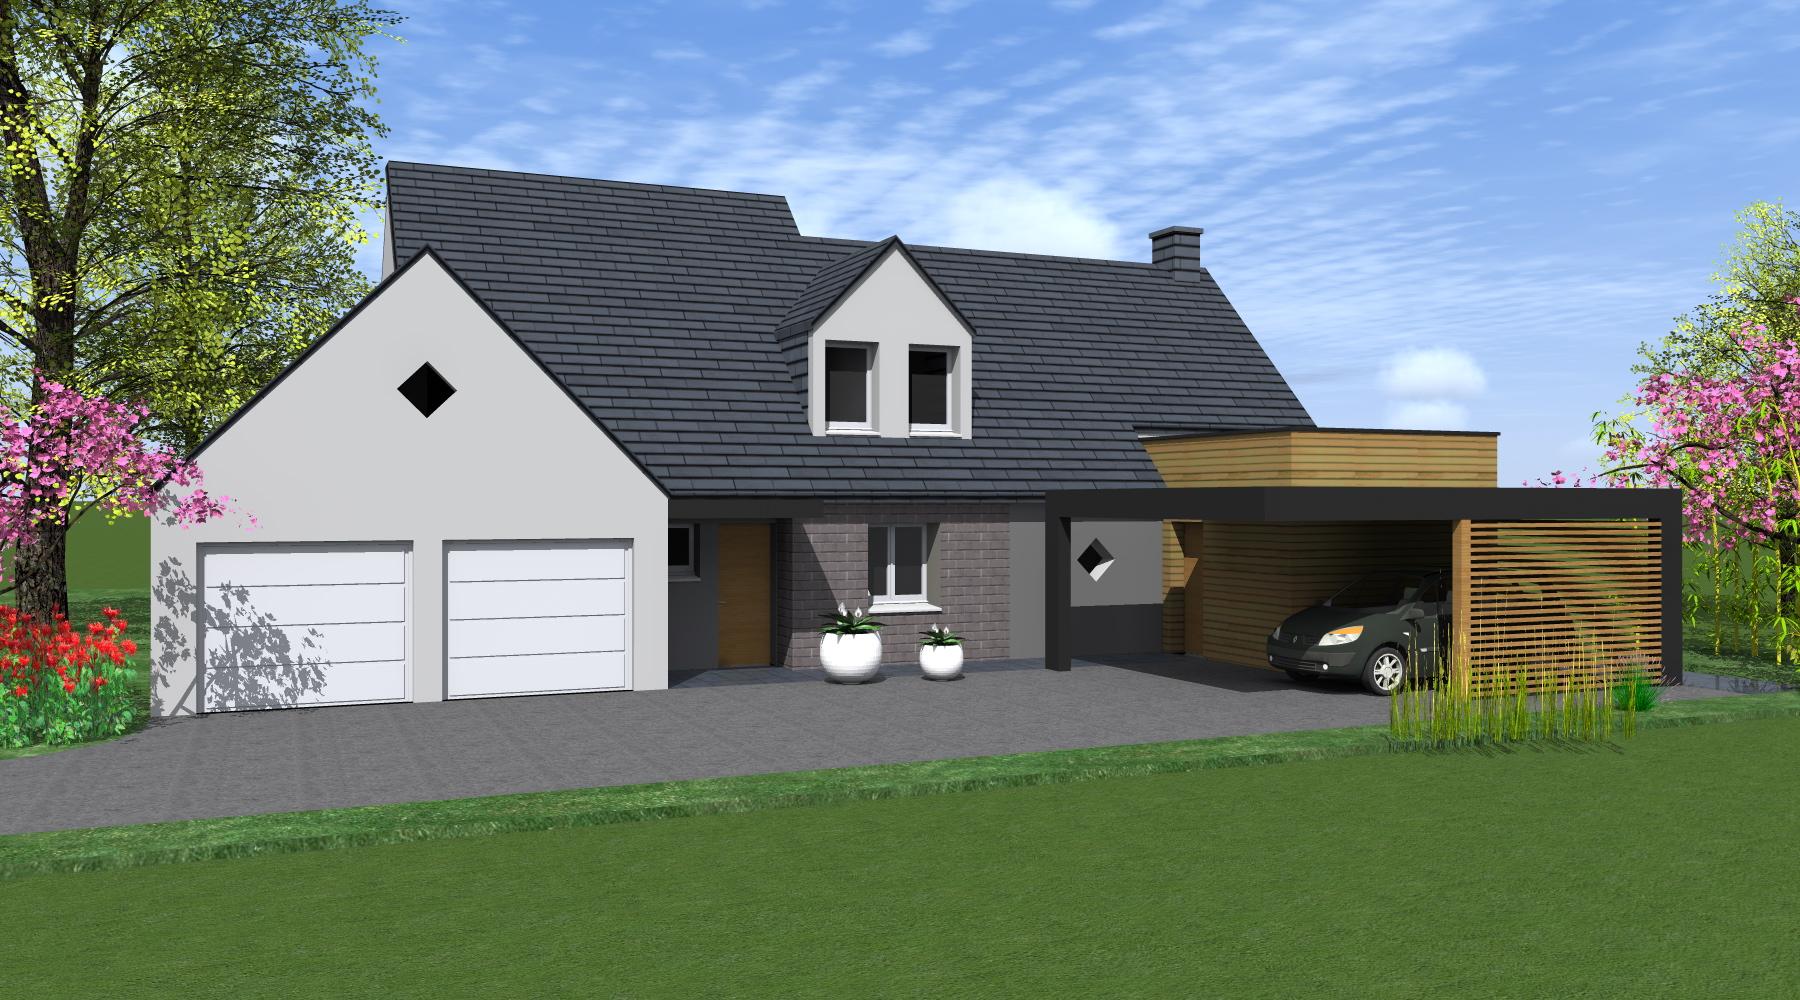 projet g 1 2 vue architecte lise roturier rennes 35000. Black Bedroom Furniture Sets. Home Design Ideas